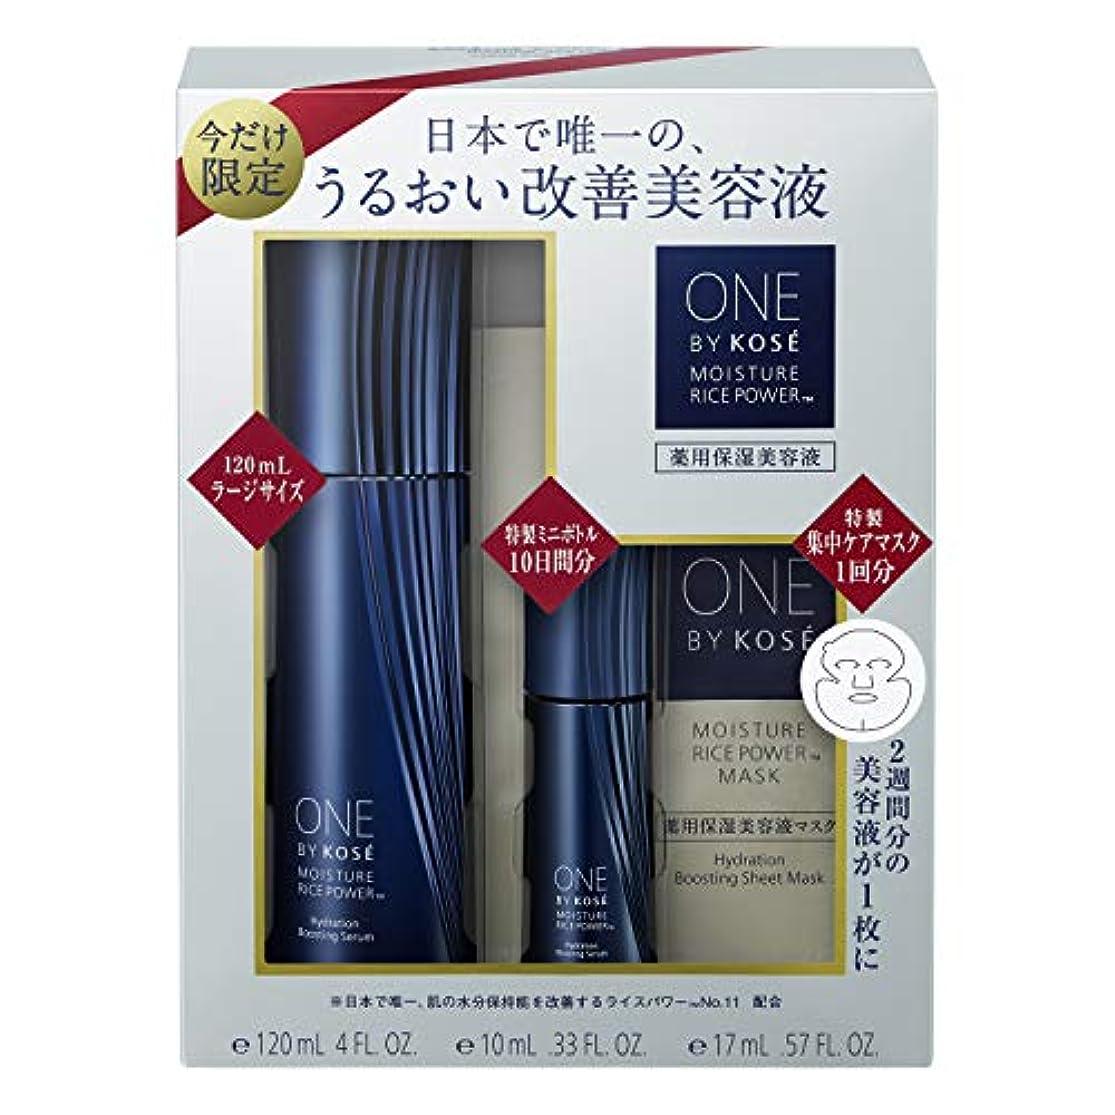 安心させる受け皿アラームONE BY KOSE 薬用保湿美容液 ラージサイズ 限定キット